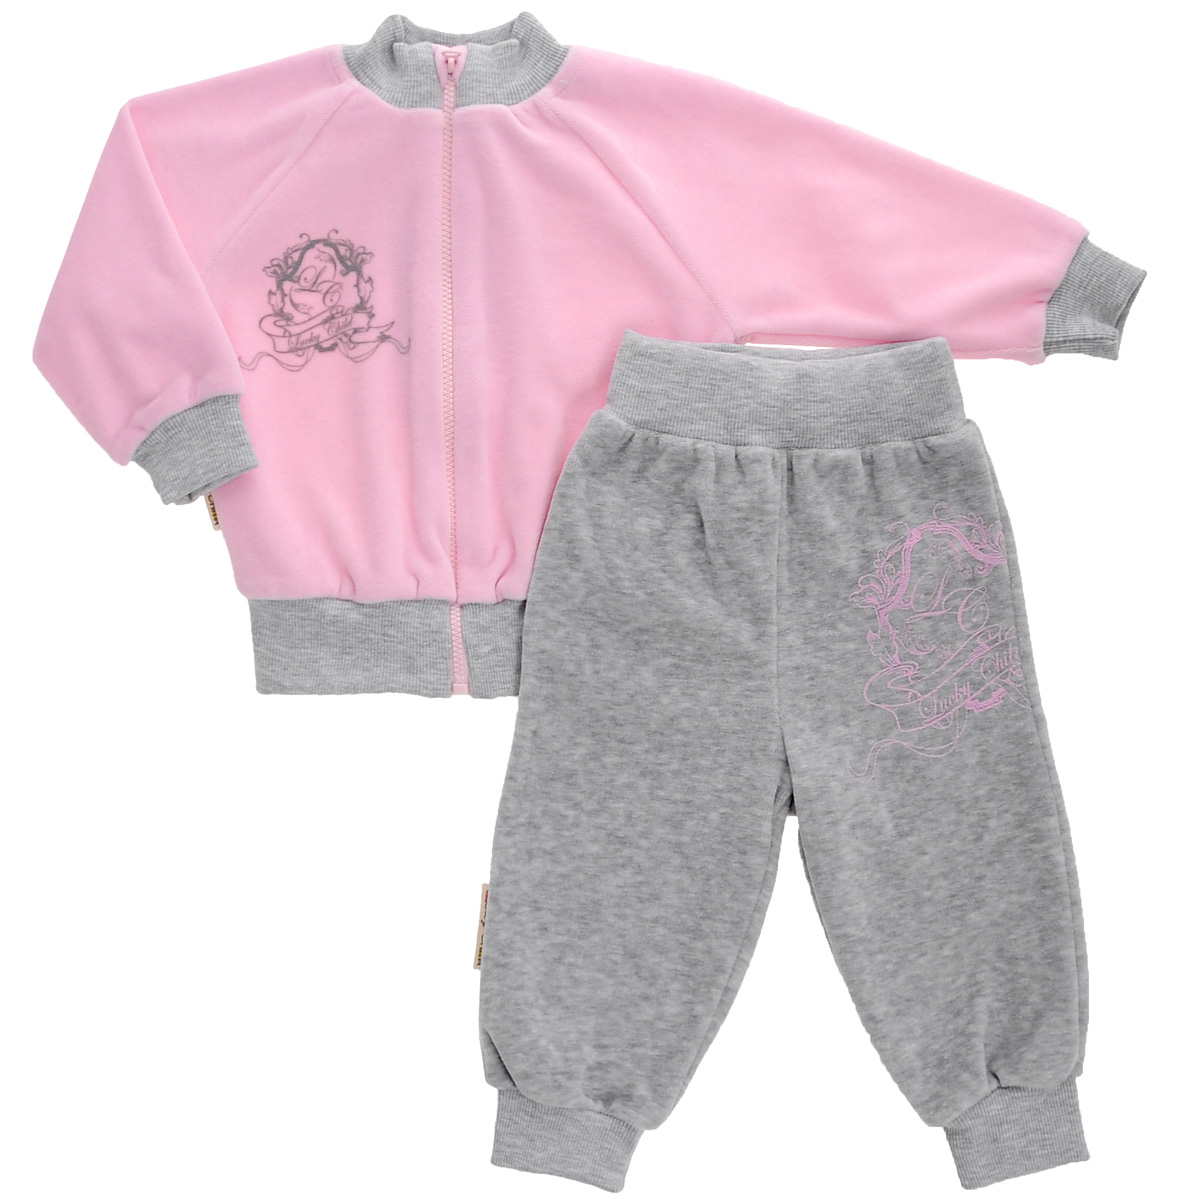 Комплект для девочки Lucky Child: толстовка, брюки, цвет: розовый, серый. 5-21. Размер 92/985-21Детский комплект для девочки Lucky Child, состоящий из толстовки и брюк - очень удобный и практичный. Комплект выполнен из велюра, благодаря чему он необычайно мягкий и приятный на ощупь, не раздражают нежную кожу ребенка и хорошо вентилируются, а эластичные швы приятны телу малышки и не препятствуют ее движениям. Толстовка с воротником-стойкой и длинными рукавами-реглан застегивается на пластиковую застежку-молнию. Рукава дополнены широкими трикотажными манжетами, не стягивающими запястья. Понизу также проходит широкая трикотажная резинка. На груди она оформлена оригинальным принтом в виде логотипа бренда. Брюки прямого покроя на талии имеют широкую эластичную резинку, благодаря чему они не сдавливают животик ребенка и не сползают. Понизу штанины дополнены широкими трикотажными манжетами. Спереди брюки декорированы таким же рисунком, как на толстовке. Оригинальный дизайн и модная расцветка делают этот комплект незаменимым предметом детского гардероба. В нем ваш ребенок всегда будет в центре внимания!